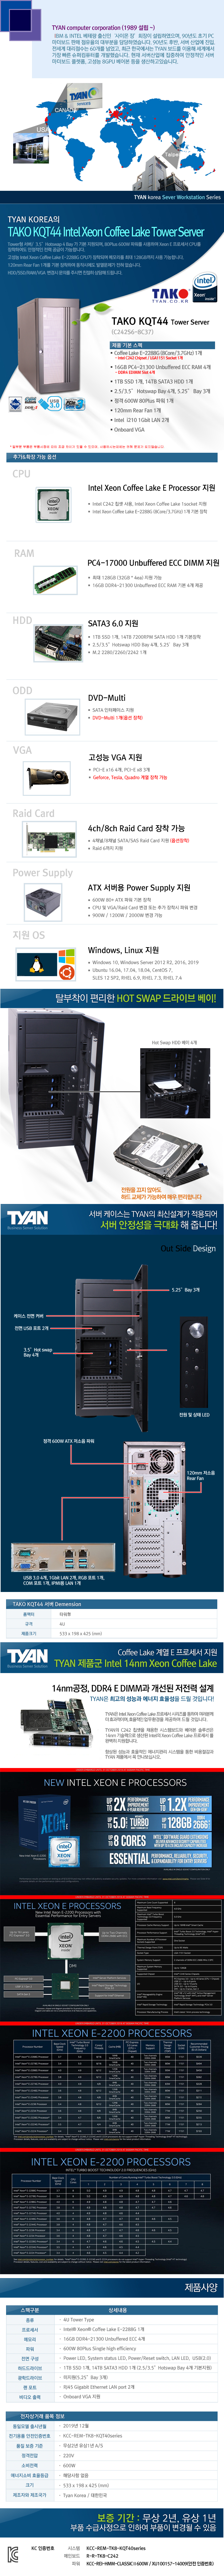 TYAN  TAKO-KQT44-(C242S6-8C37)(64GB, SSD 1TB + 14TB)